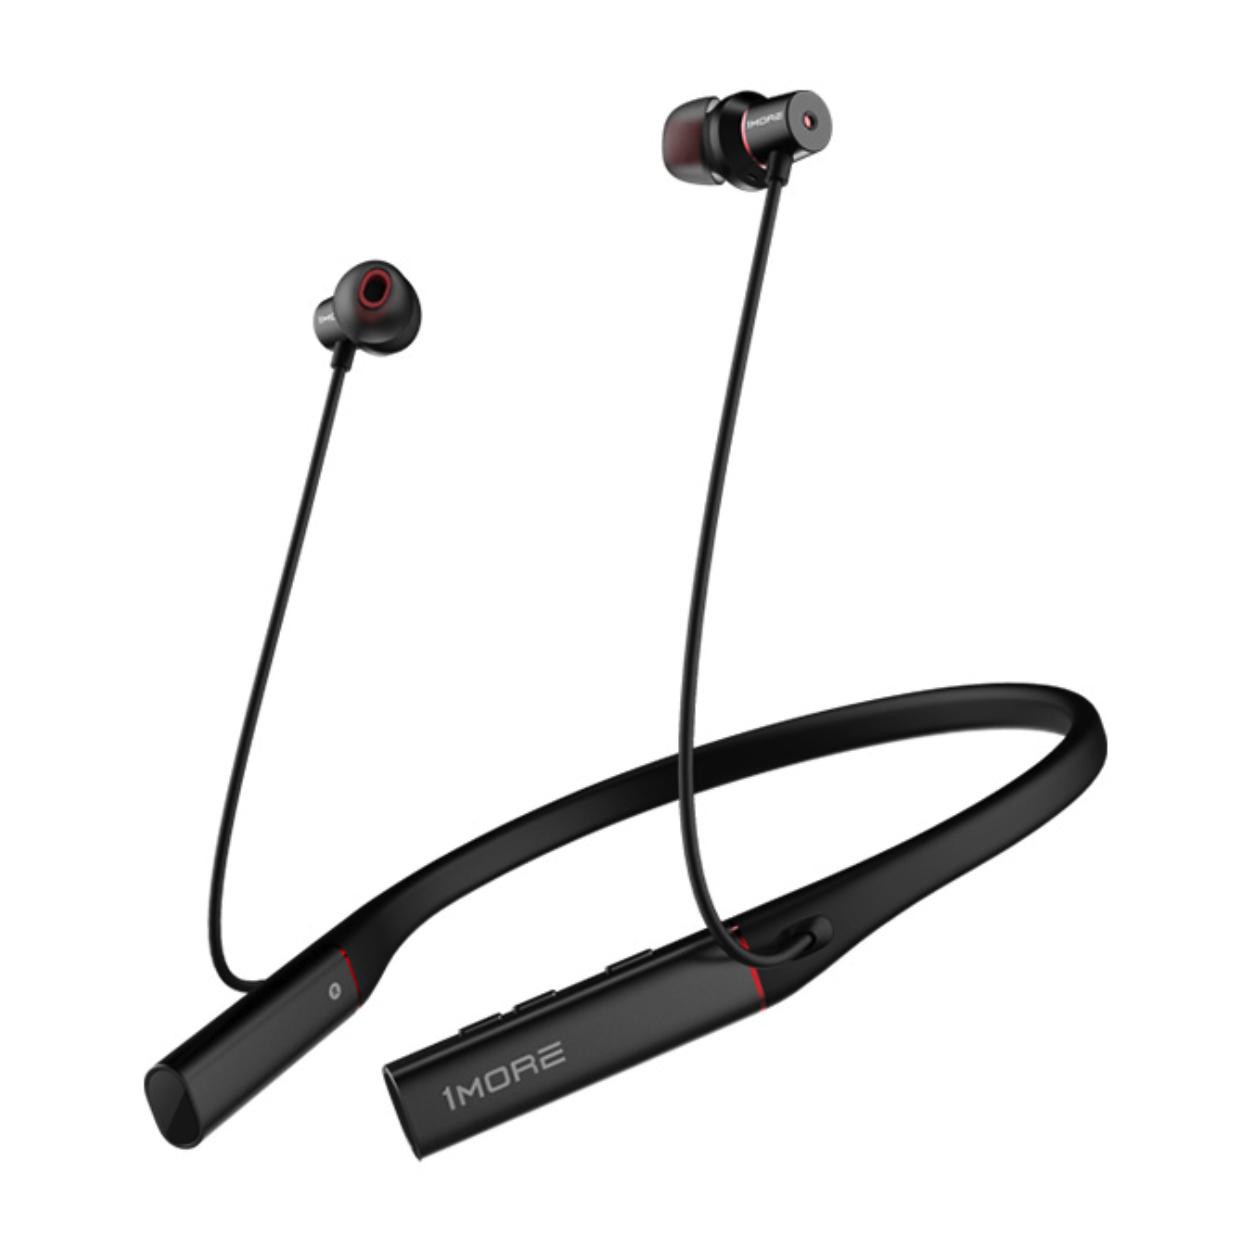 1more 万魔 EHD9001BA 入耳式颈挂式无线蓝牙耳机